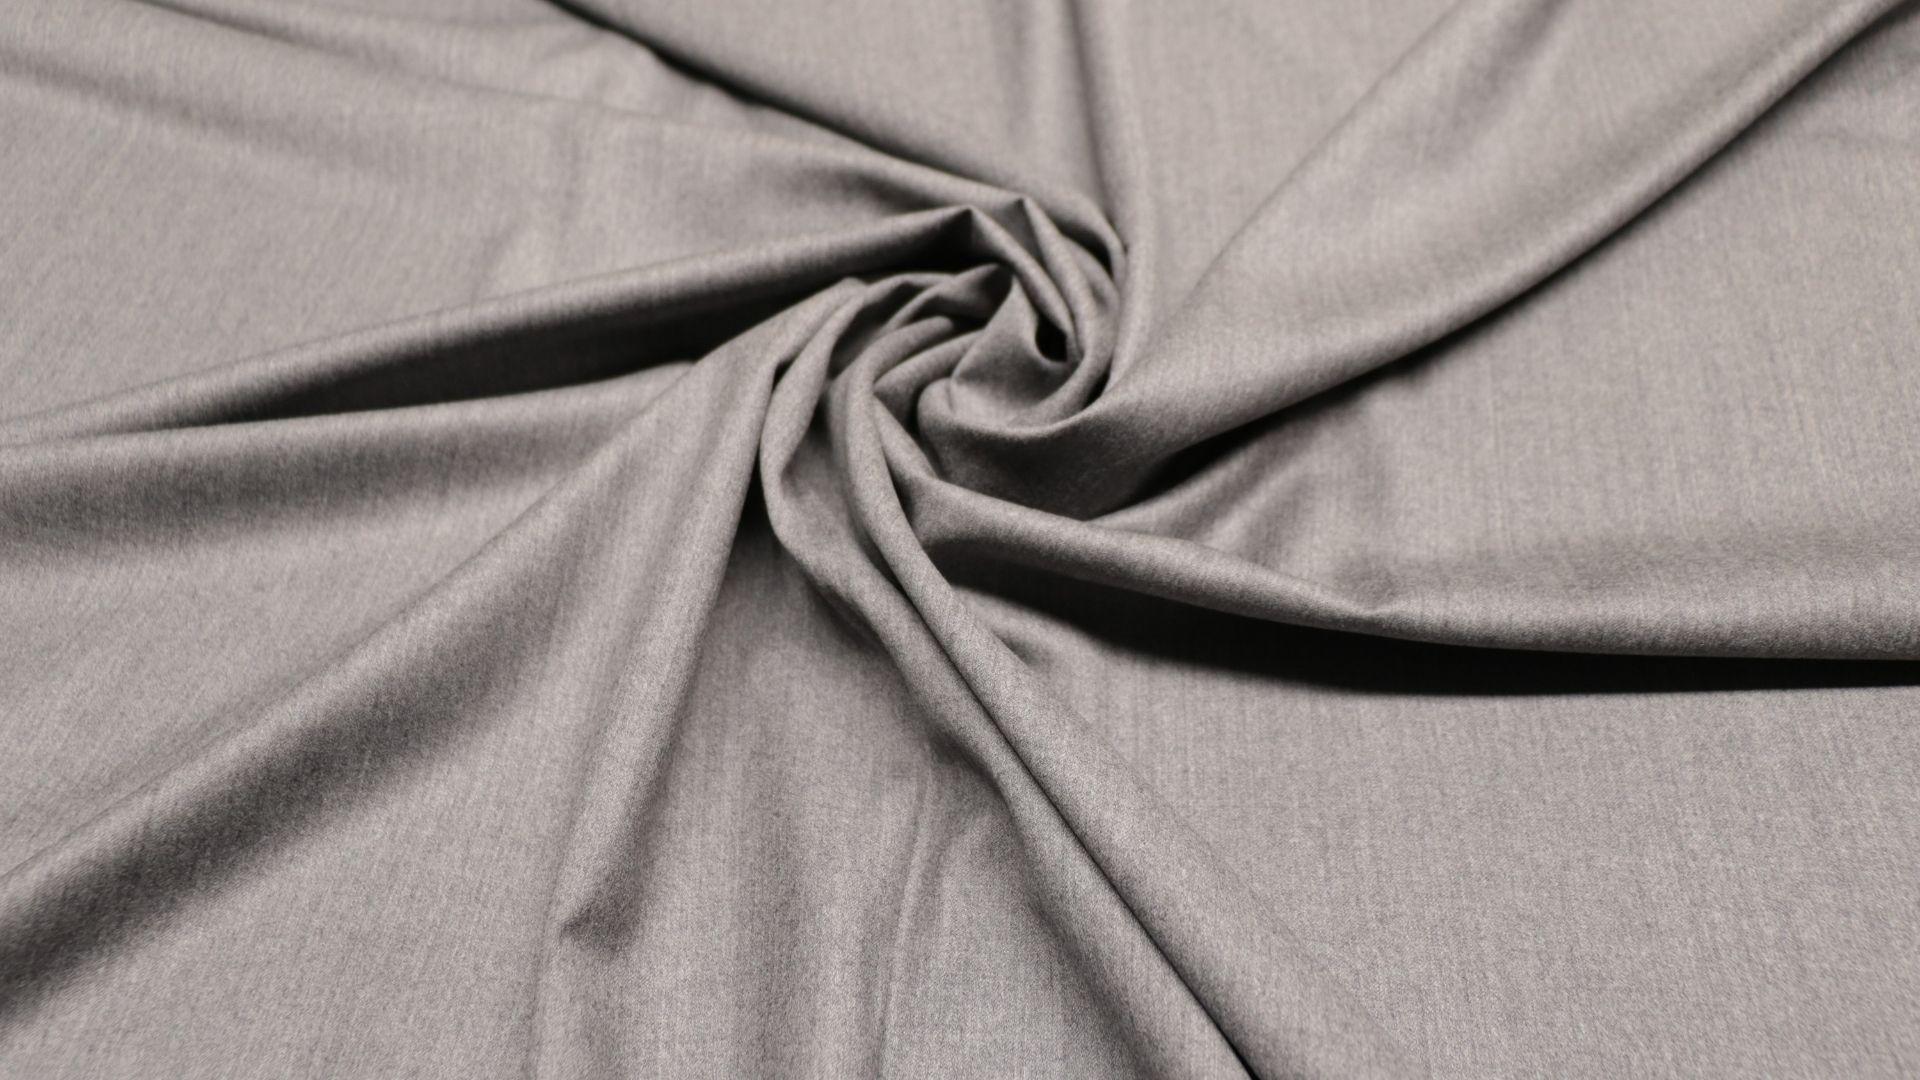 il particolare del tessuto flanella, appartenente alla categoria uniti lana, di Leadford & Logan